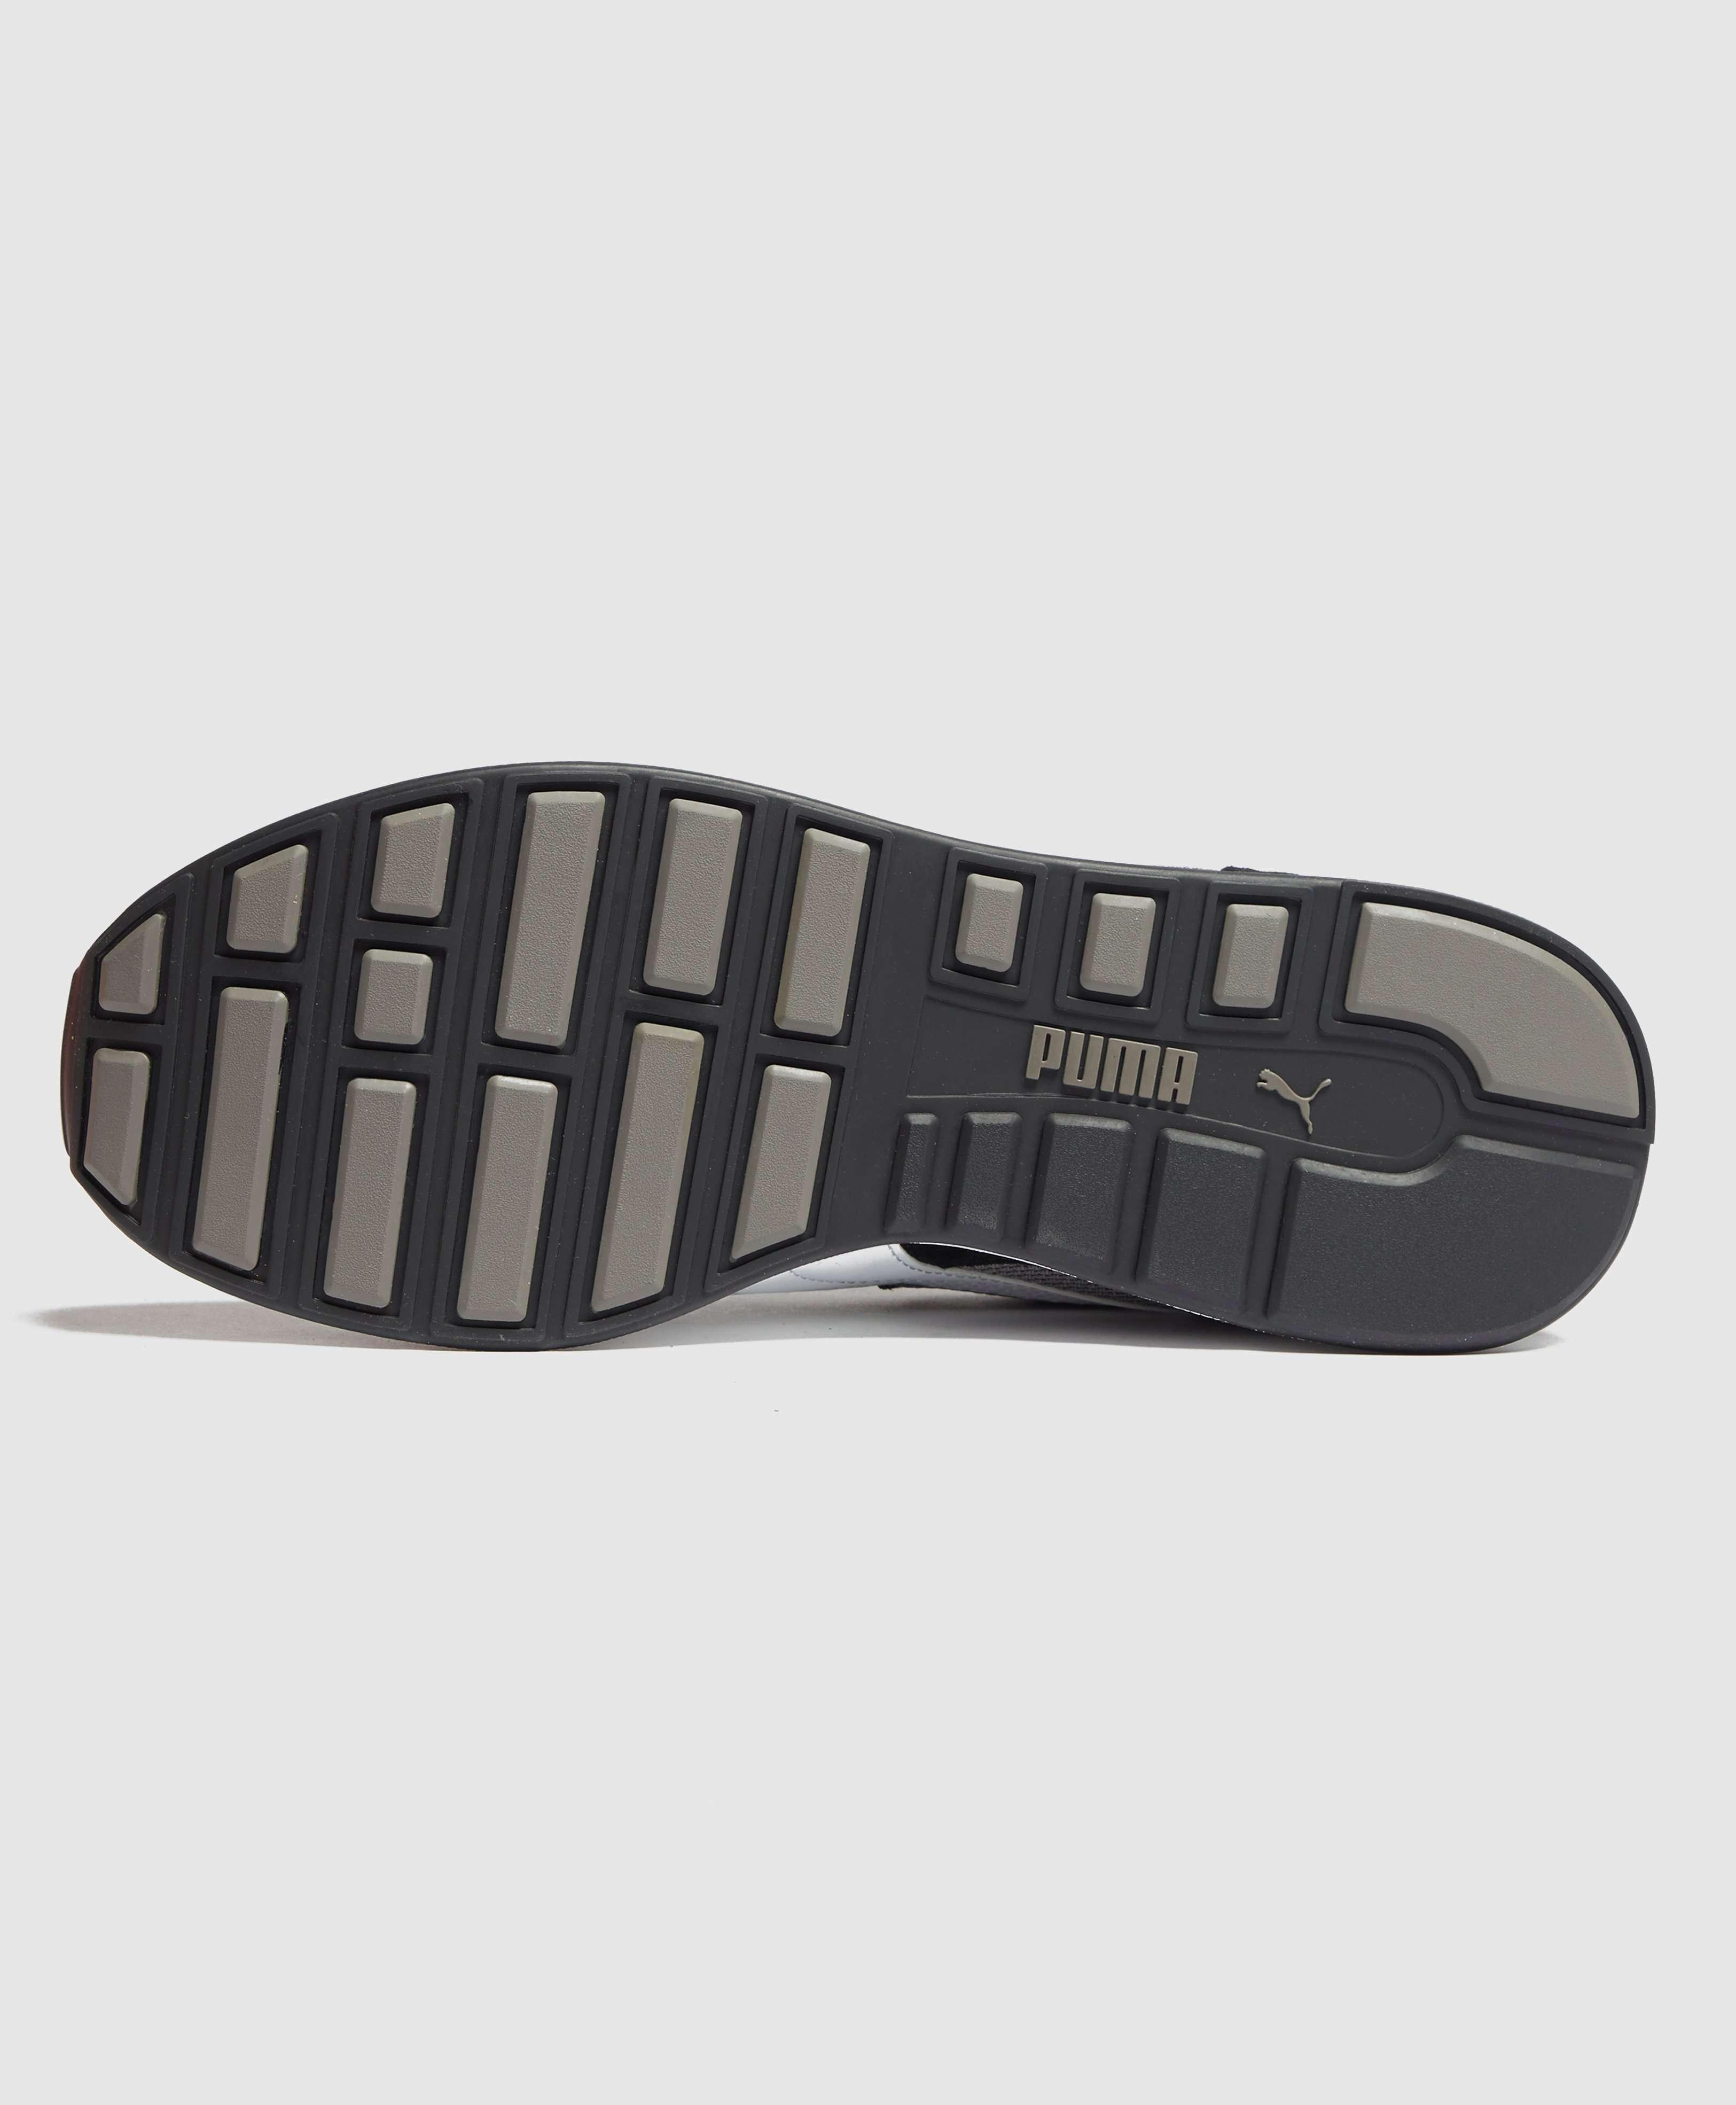 PUMA RS-1 OG